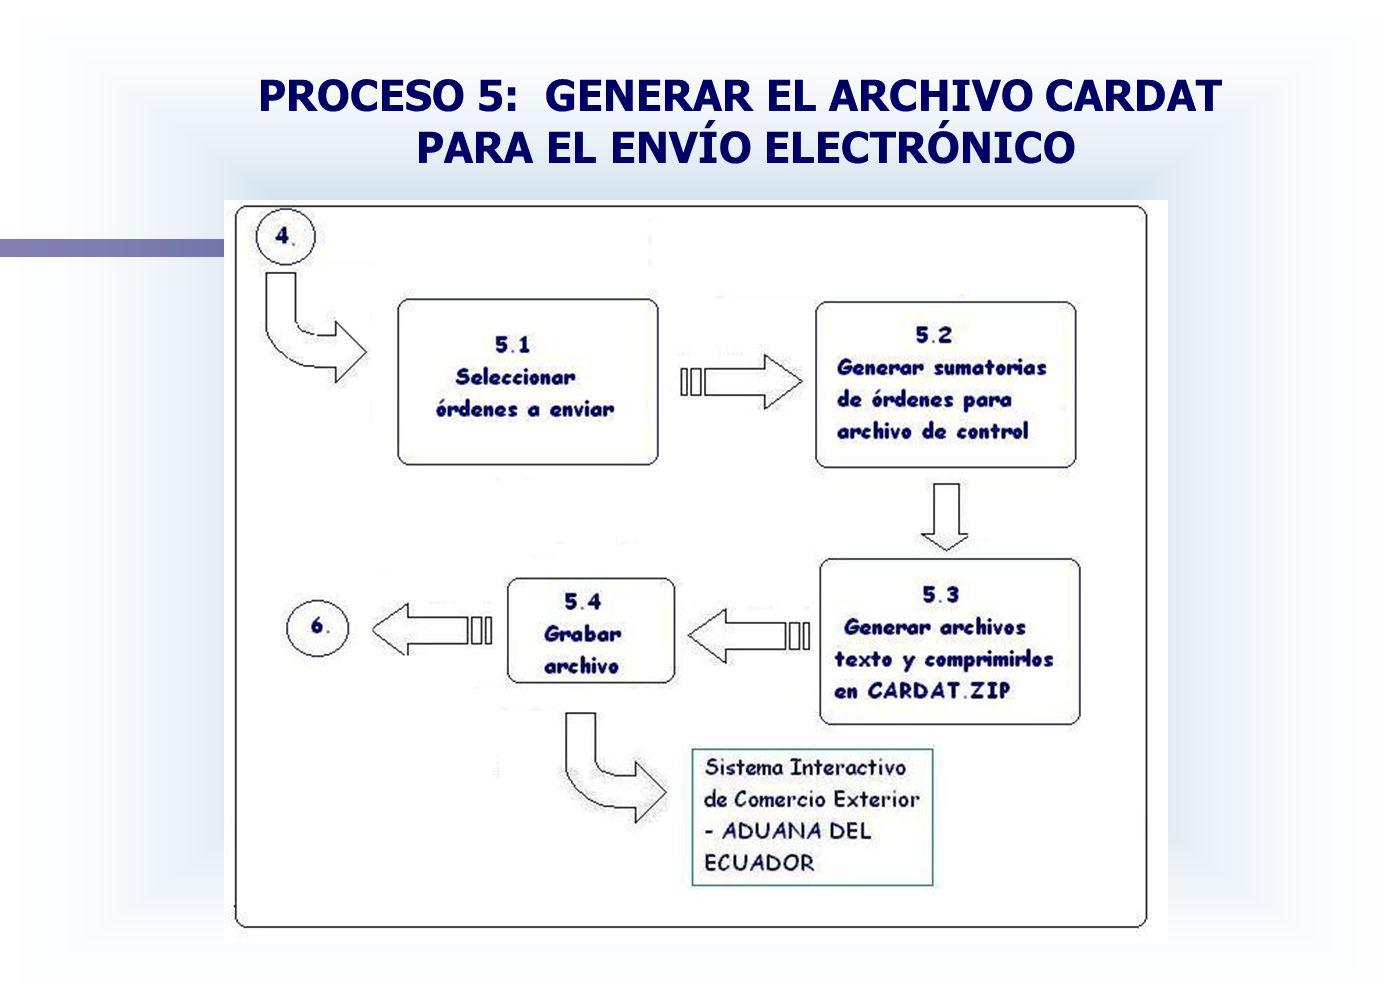 PROCESO 5: GENERAR EL ARCHIVO CARDAT